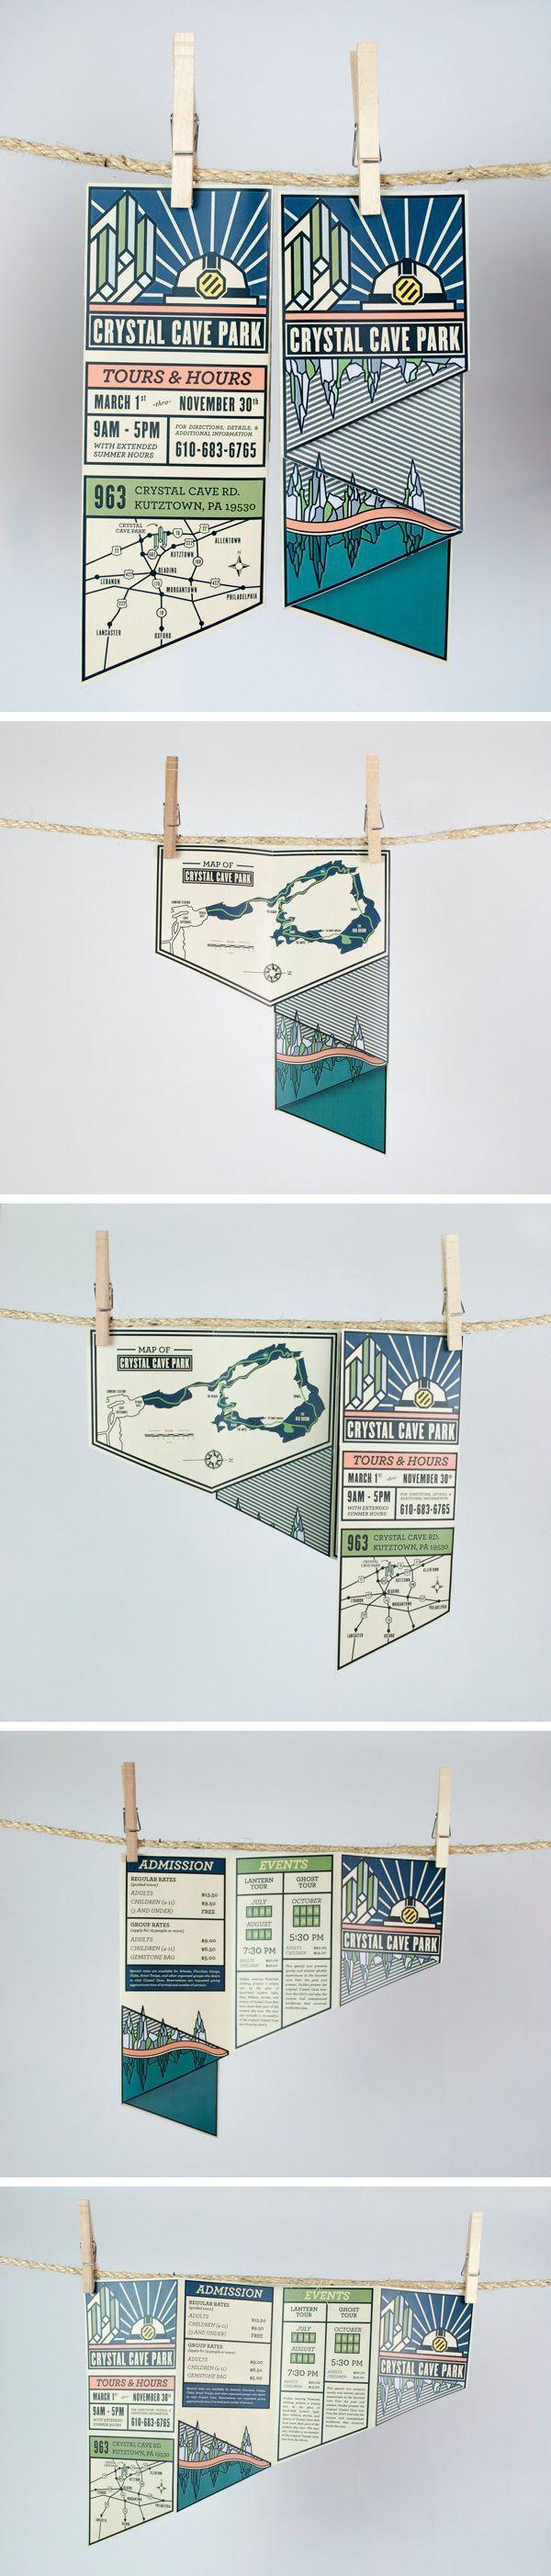 Les brochures et catalogues avec un design original ! - Inspiration graphique #7   BlogDuWebdesign